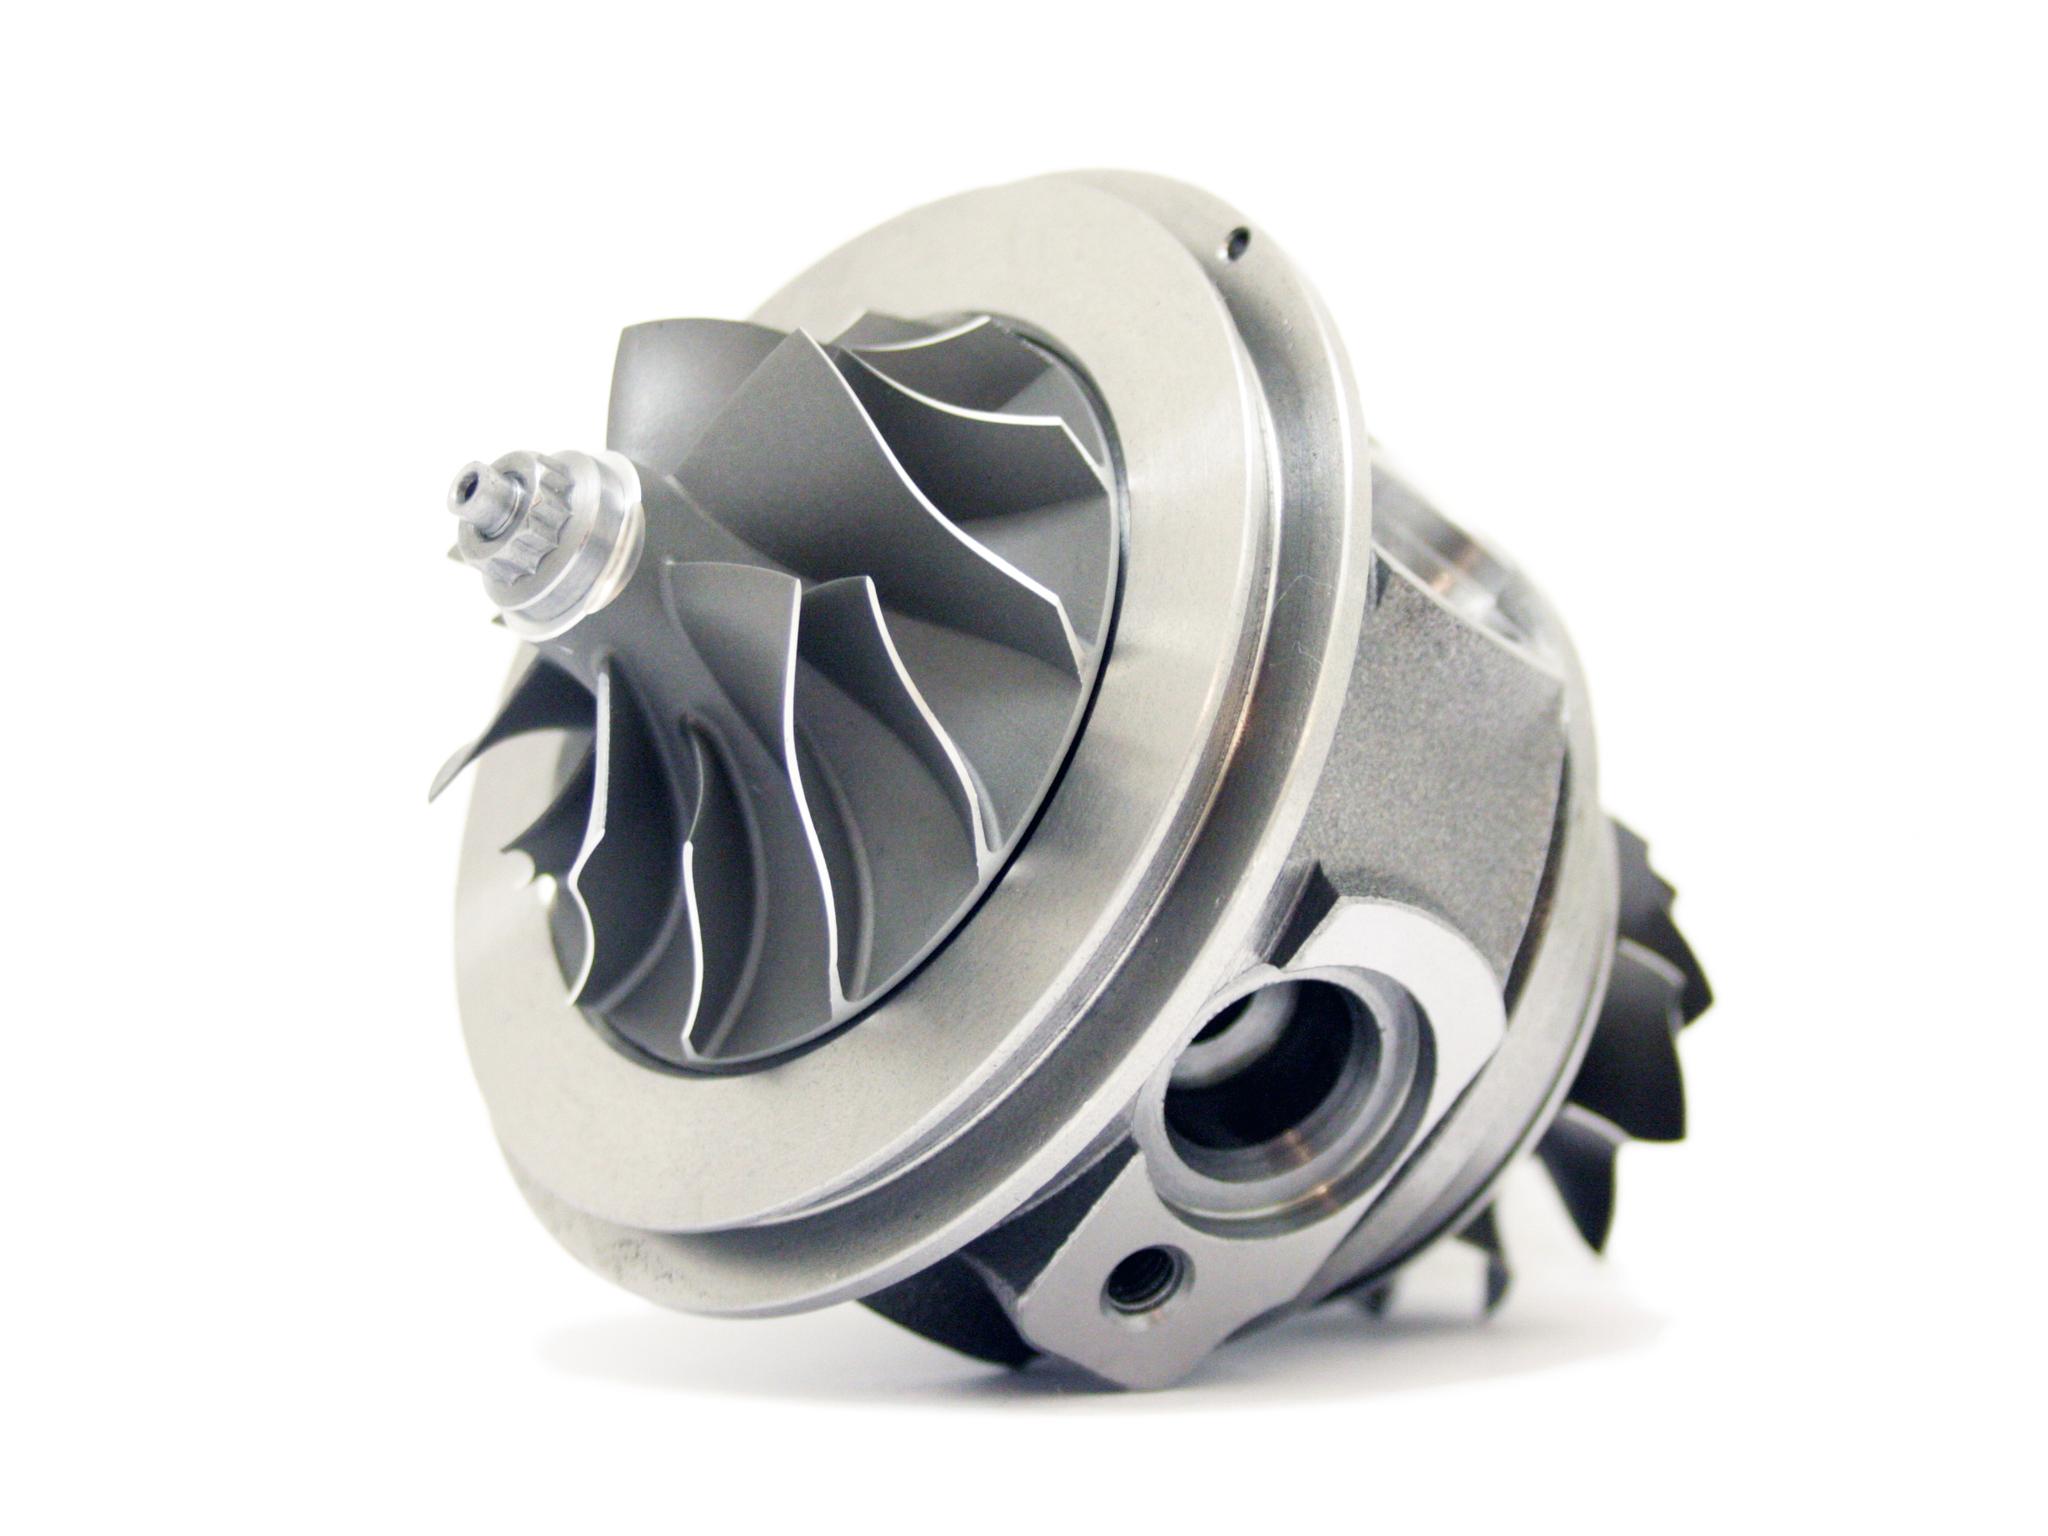 Картридж турбины TD04 БМВ 2.0 N20B20 184 / 218 / 245 л.с.